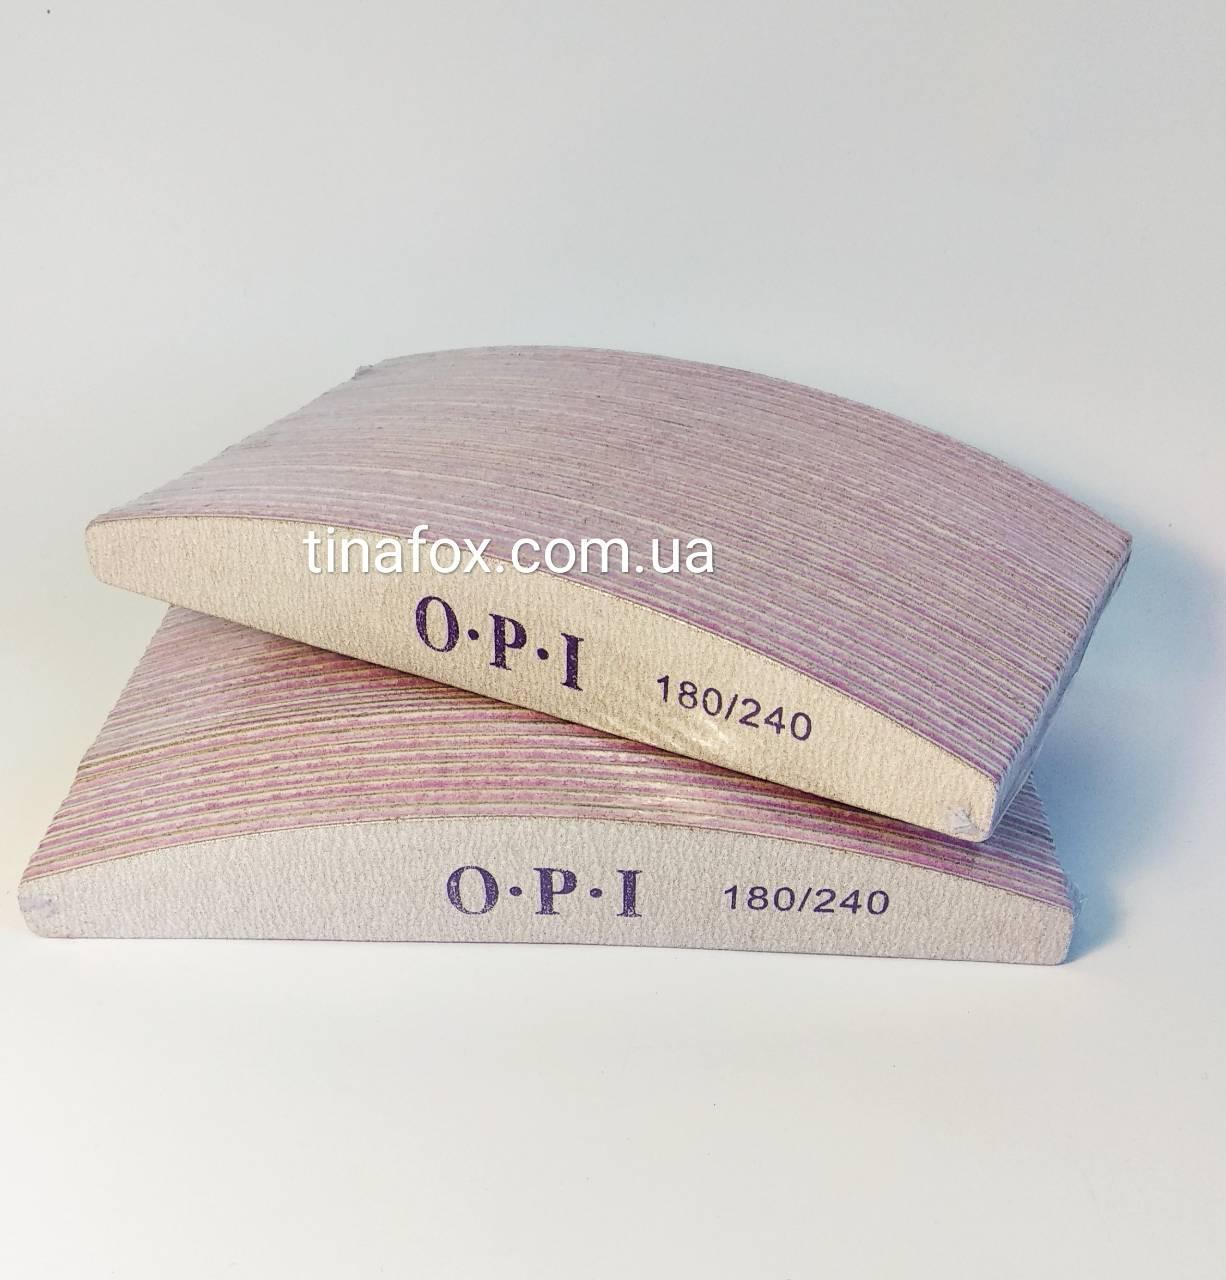 Пилочка для ногтей 50шт 180/240 OPI лодочка